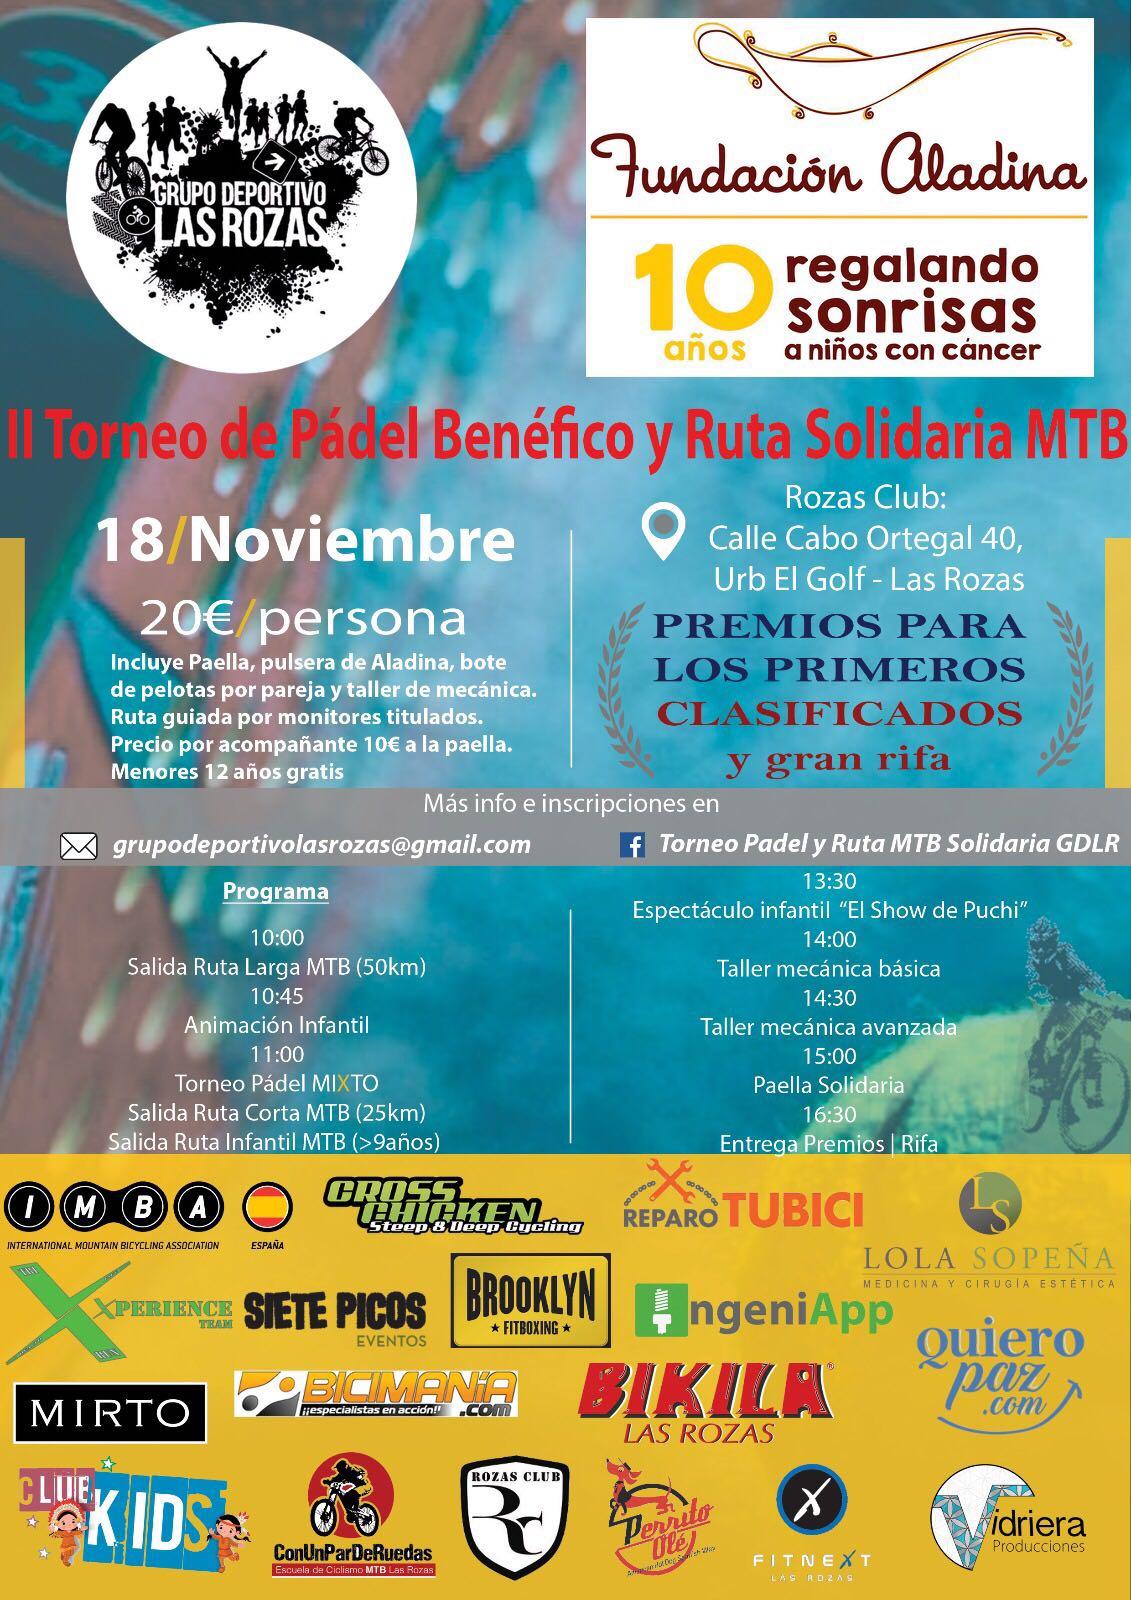 II Torneo Padel y Ruta MTB Solidaria Grupo Deportivo Las Rozas